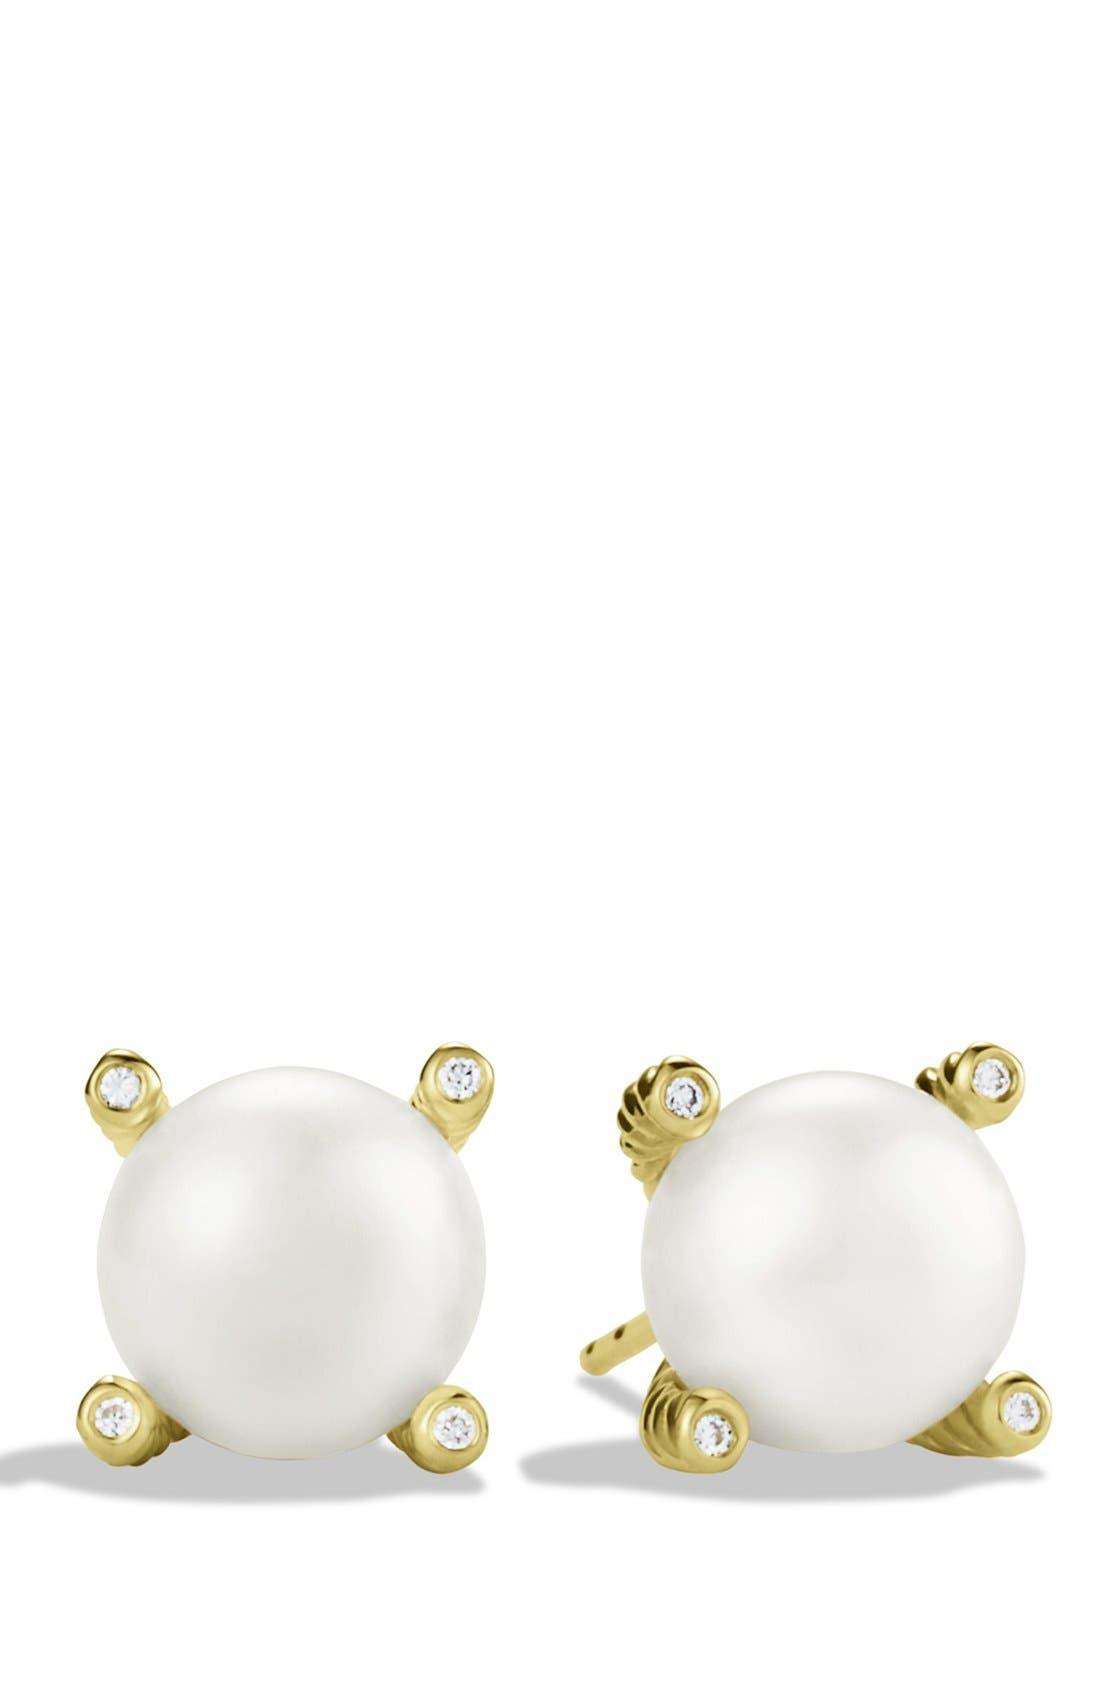 Main Image - David Yurman Pearl Earrings with Diamonds in Gold